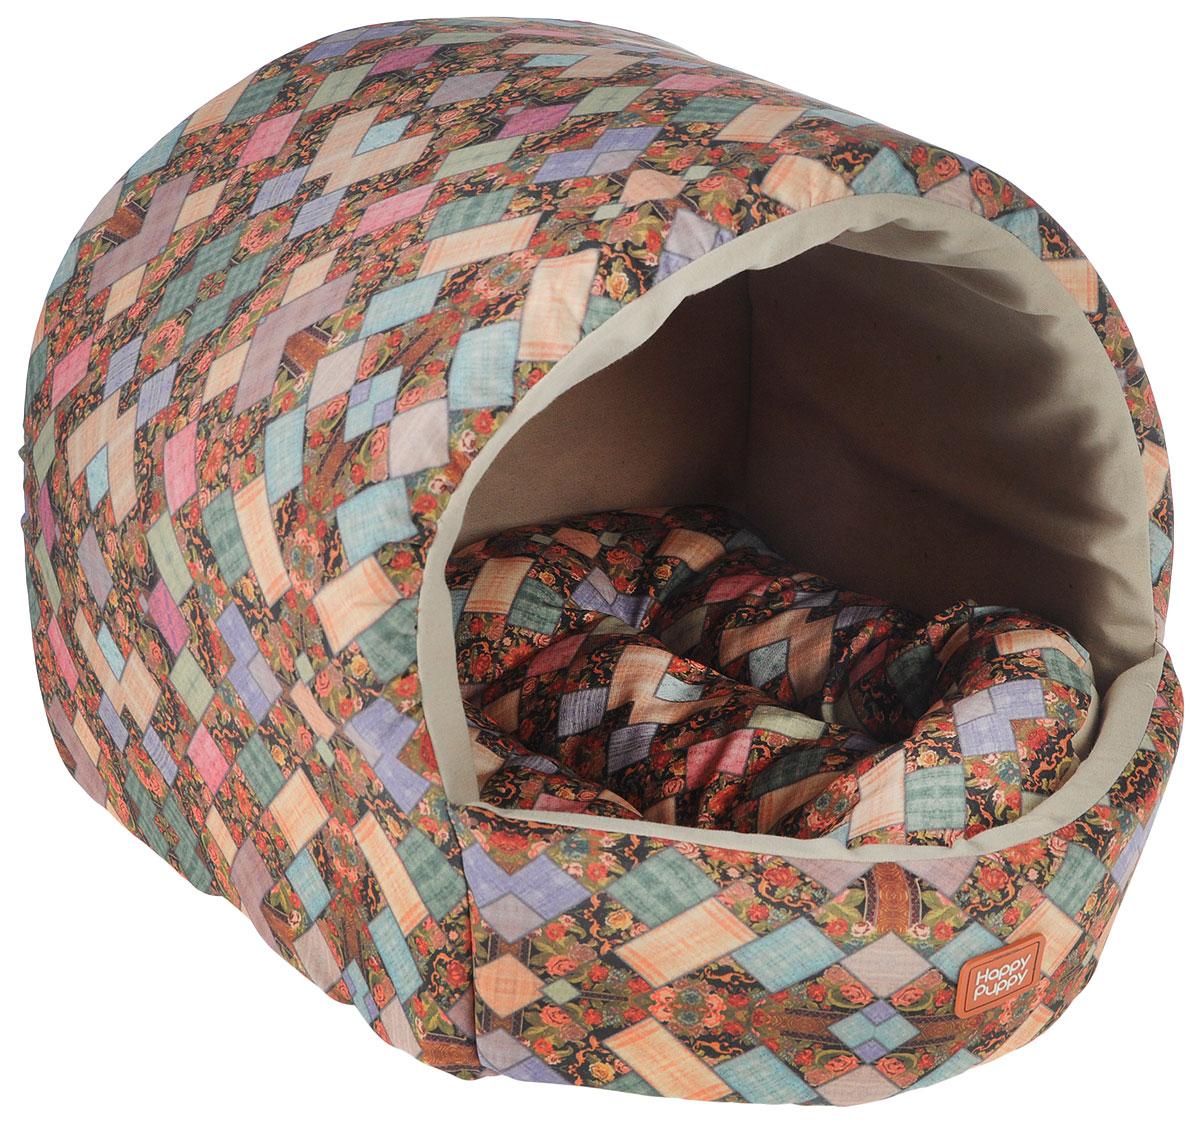 Домик для собак Happy Puppy Лукоморье, 37 x 37 x 40 смHP-160066Домик для собак Happy Puppy Лукоморье обязательно понравится вашему питомцу. Он предназначен для собак мелких пород и изготовлен из полиэстера и искусственной замши, внутри - мягкий наполнитель из мебельного поролона. Стежка надежно удерживает наполнитель внутри и не позволяет ему скатываться. Домик очень удобный и уютный, он оснащен мягкой съемной подстилкой с наполнителем из холлофайбера. Ваш любимец сразу же захочет забраться внутрь, там он сможет отдохнуть и спрятаться. Компактные размеры позволят поместить домик, где угодно, а приятная цветовая гамма сделает его оригинальным дополнением к любому интерьеру. Размер подстилки: 37 х 37 х 40 см. Внутренняя высота домика (с учетом подстилки): 27 см. Толщина стенки: 3 см.